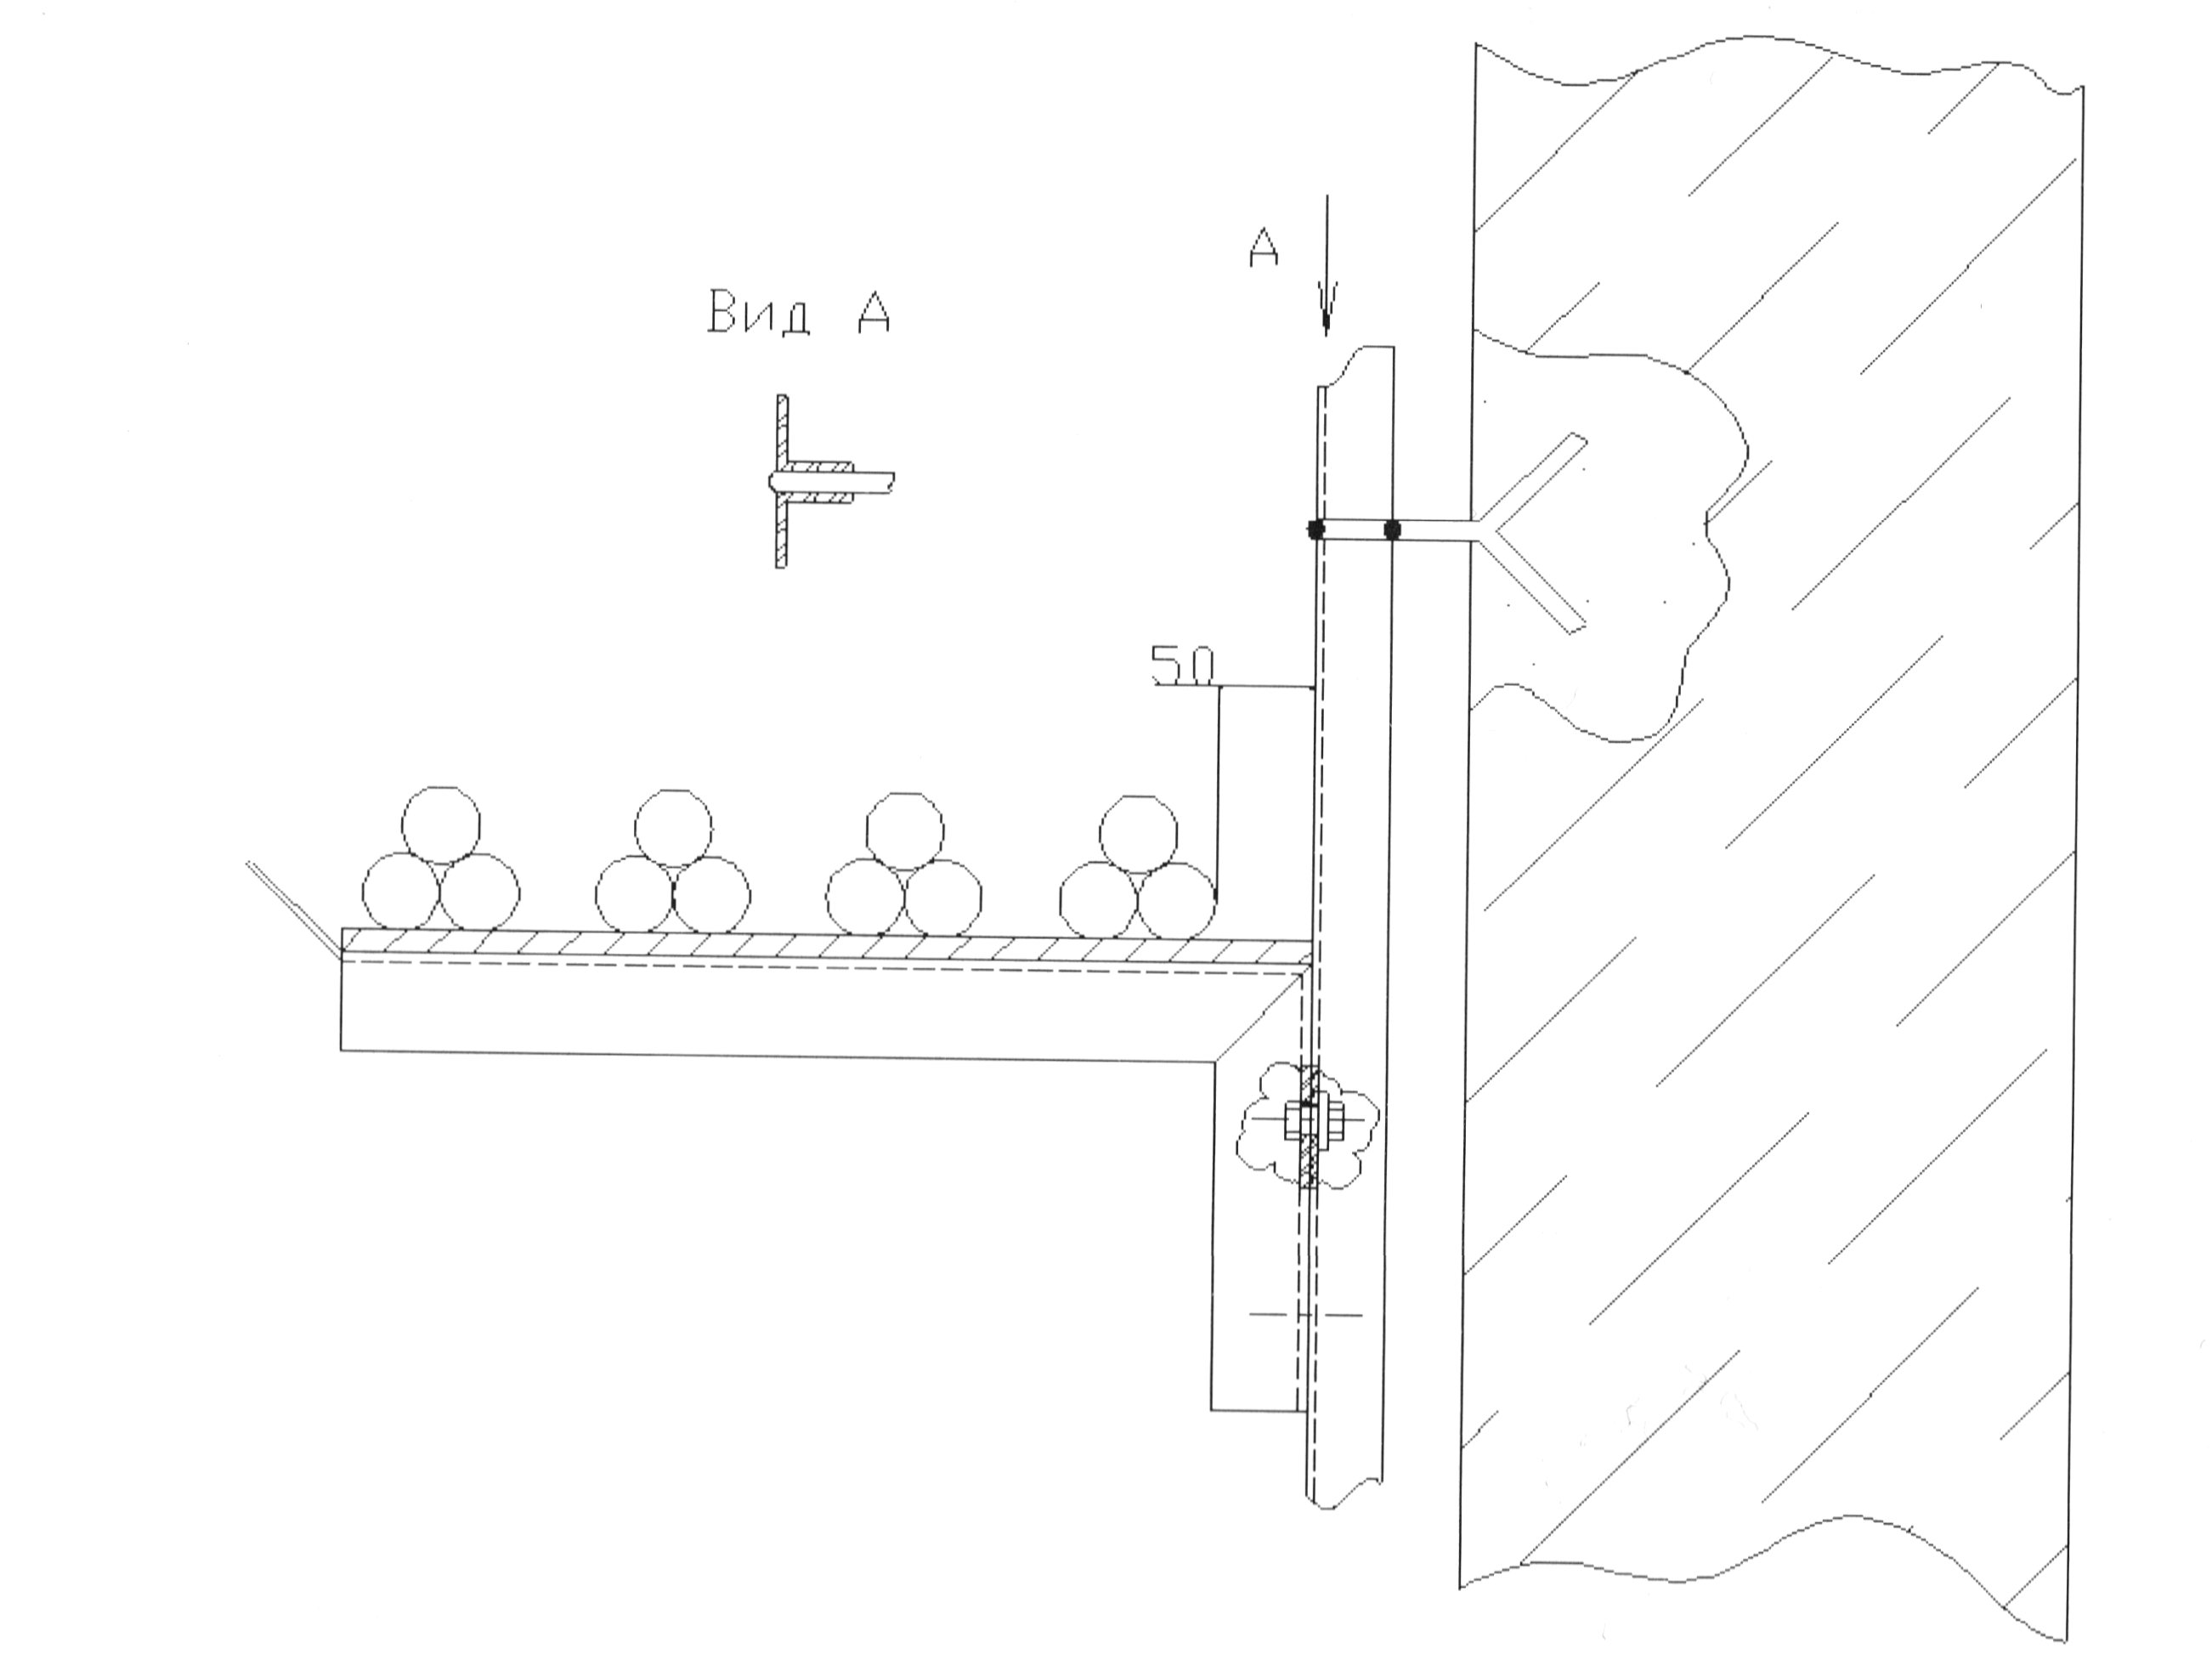 Рис. 3-7. Пример прокладки кабелей на сборных кабельных конструкциях.